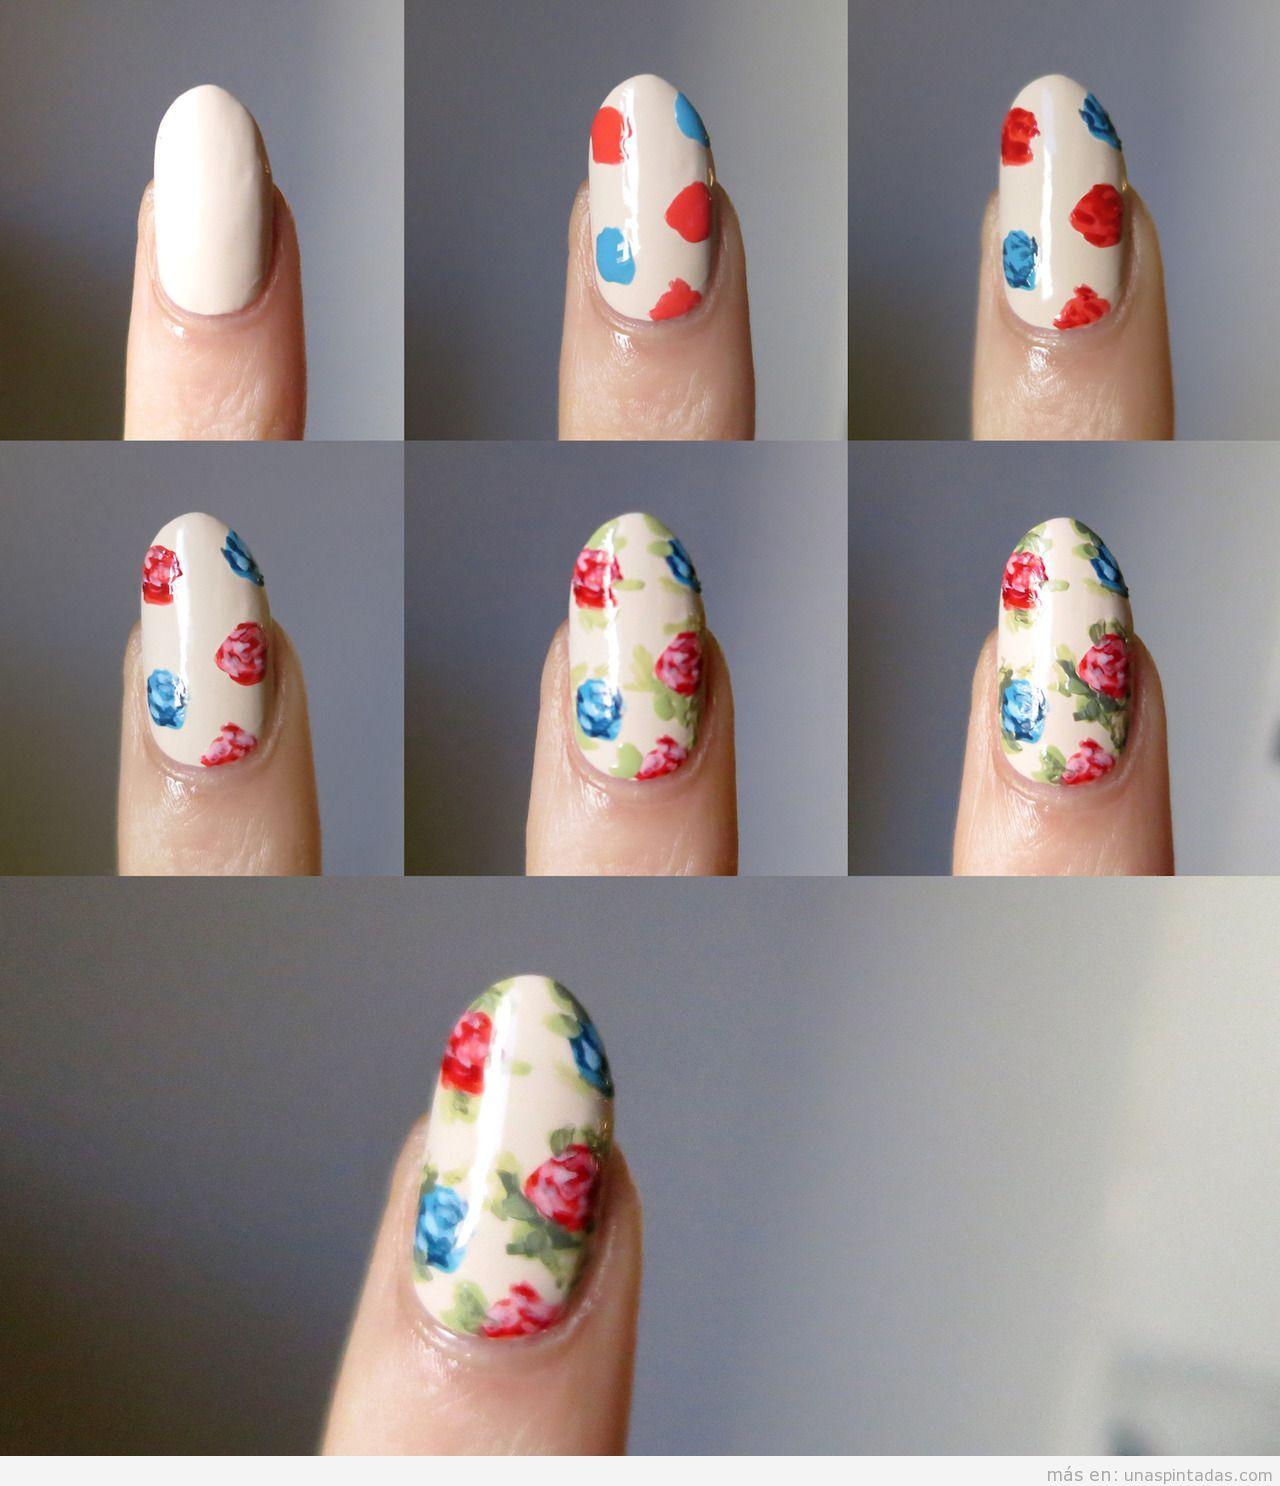 Рисунки на ногтях в домашних условиях 79